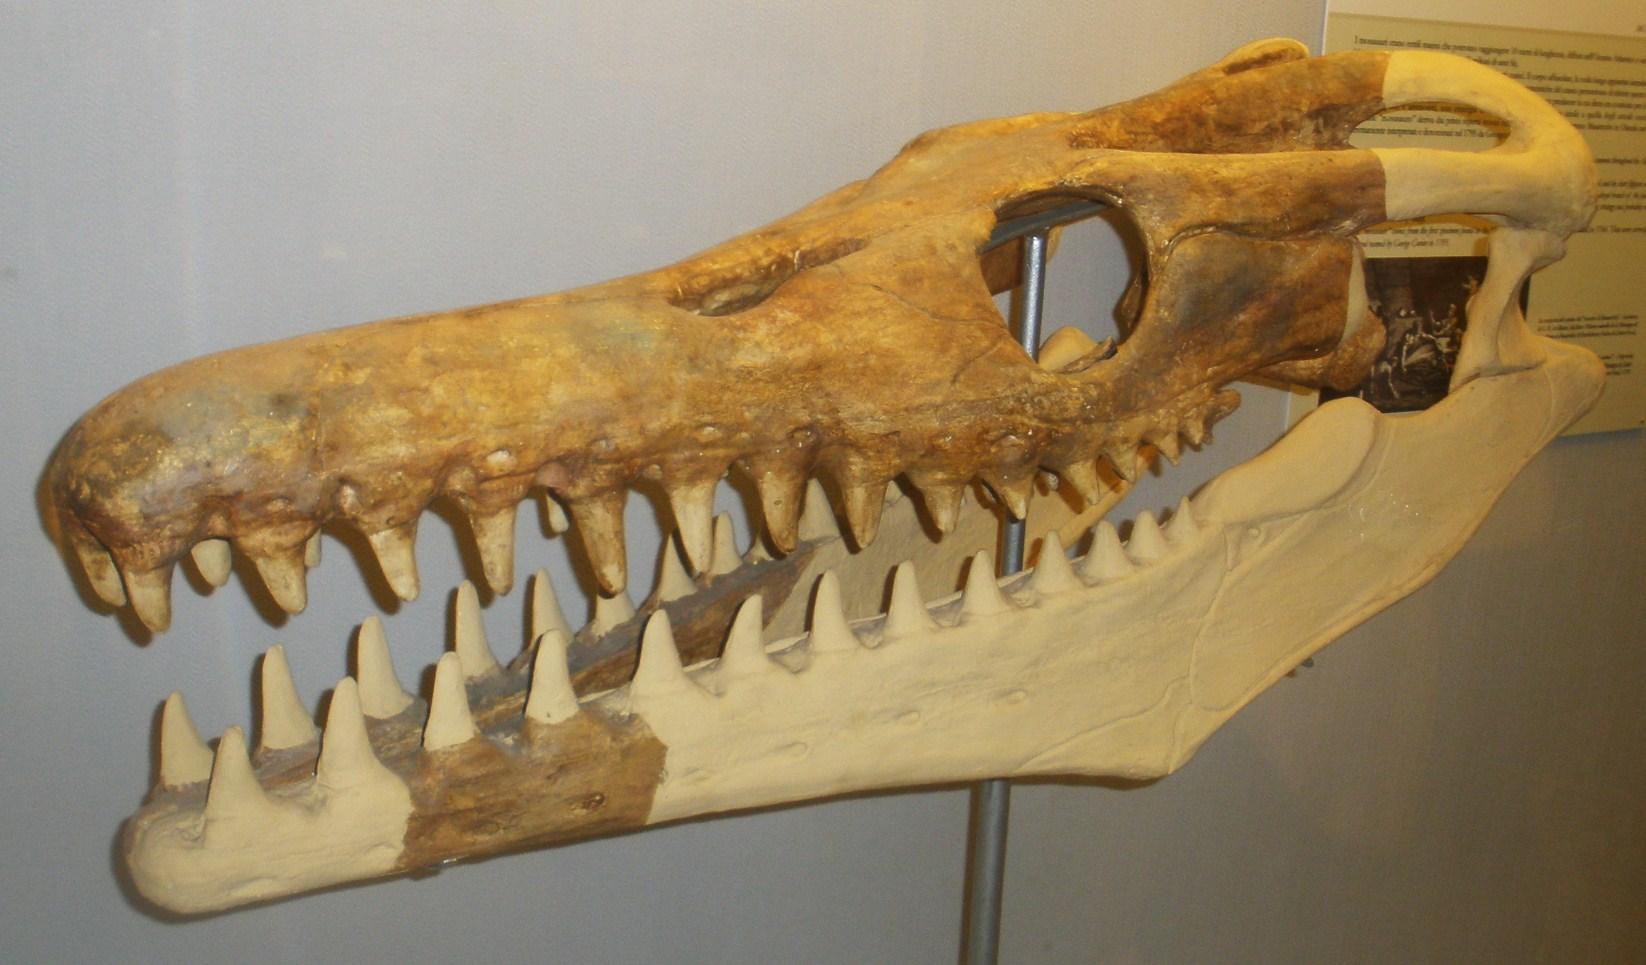 Goronyosaurus